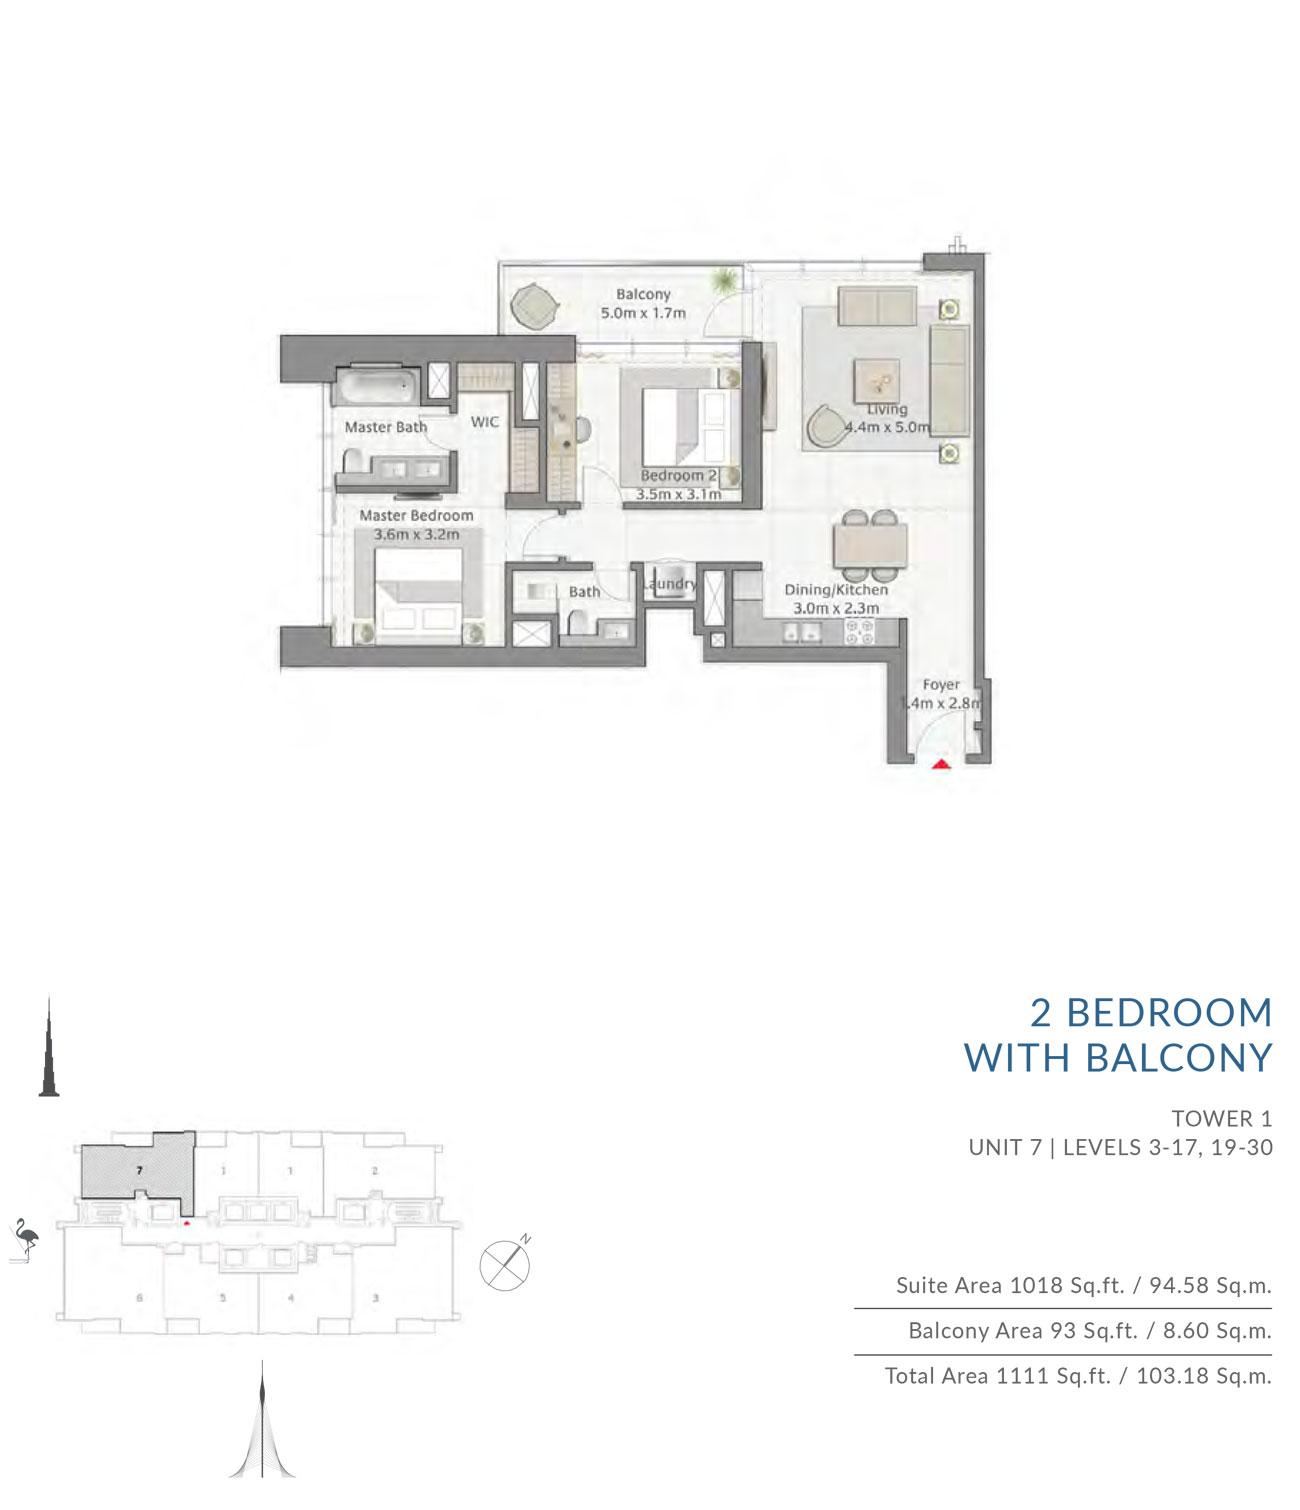 Floor-Plan-2BR T1 U7